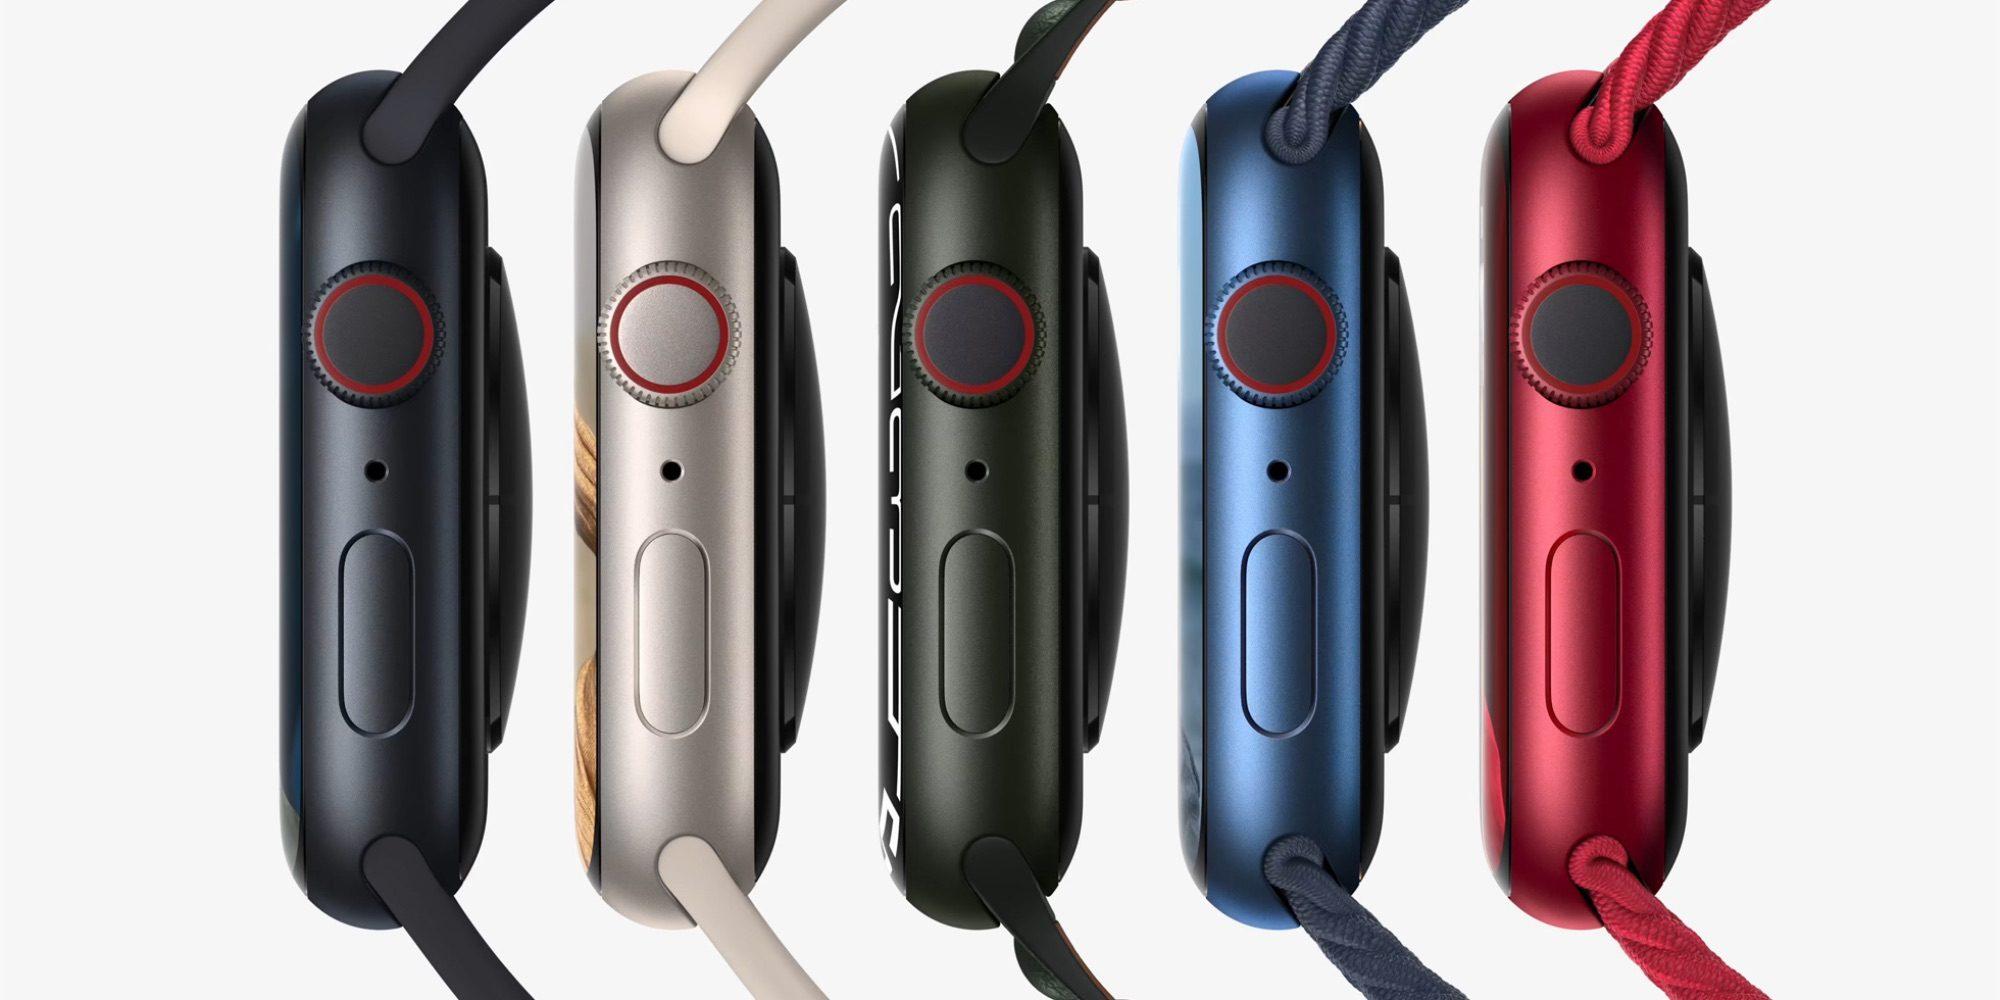 Apple Watch SE jest dostarczany z przewodem USB-C w pudełku